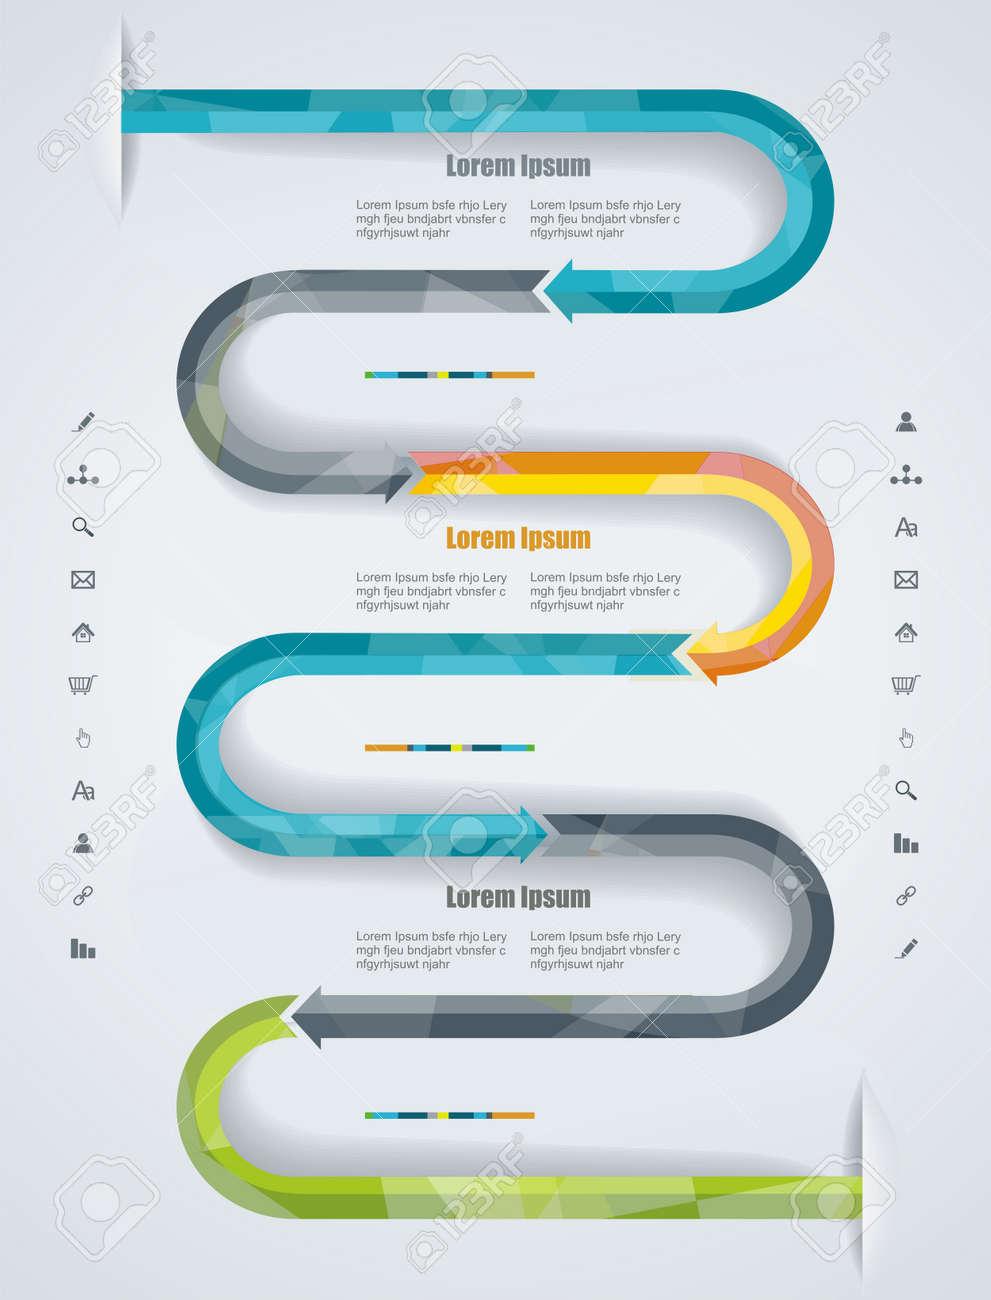 Web Page Design. Kann Für Workflow-Layout Verwendet Werden; Diagramm ...